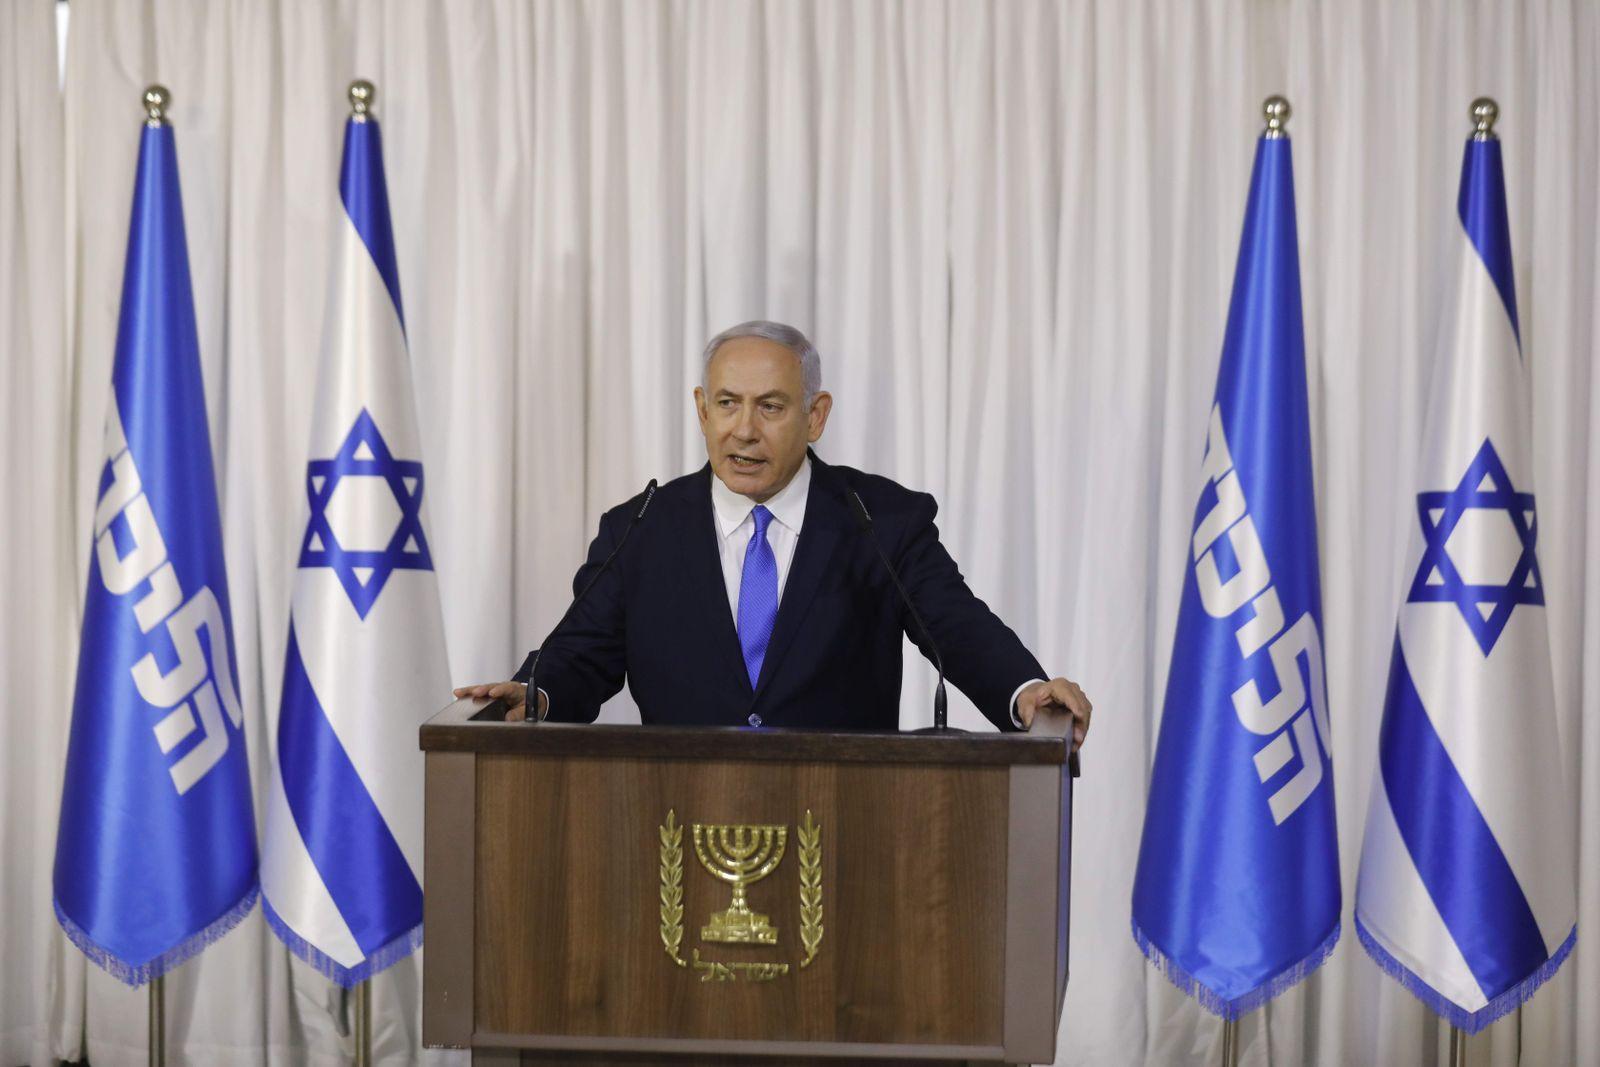 فیگارو : اسرائیل سپاه پاسداران و رژیم ایران را با دو چالش روبرو کرده